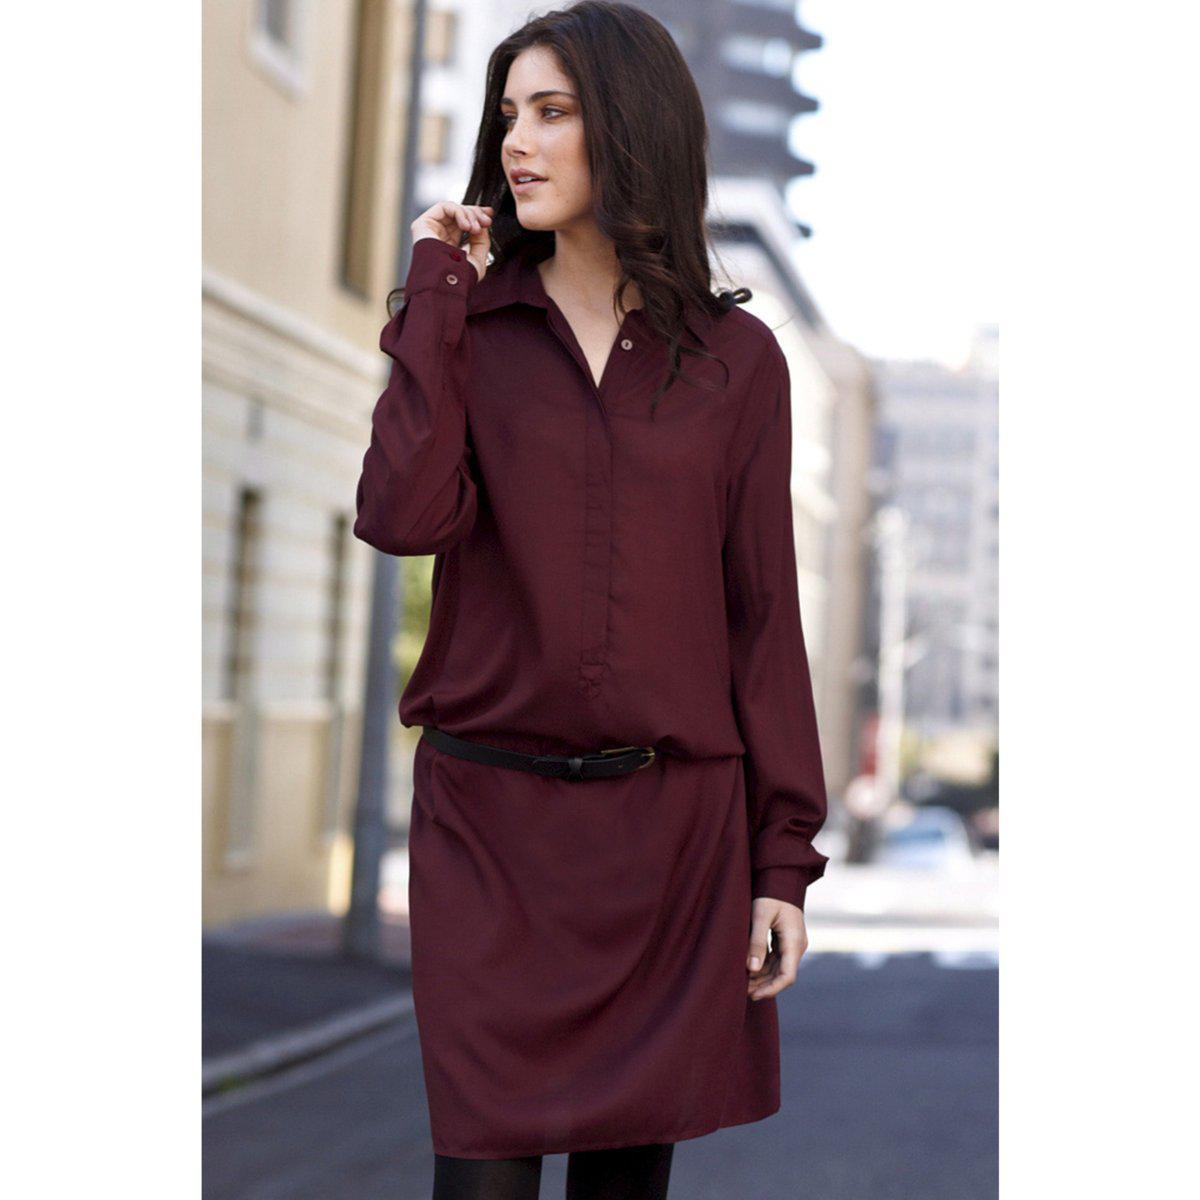 Φορεματα LaRedoute Φθινόπωρο Χειμώνας 2011 Κωδ. 324258148 50ad7f693a5